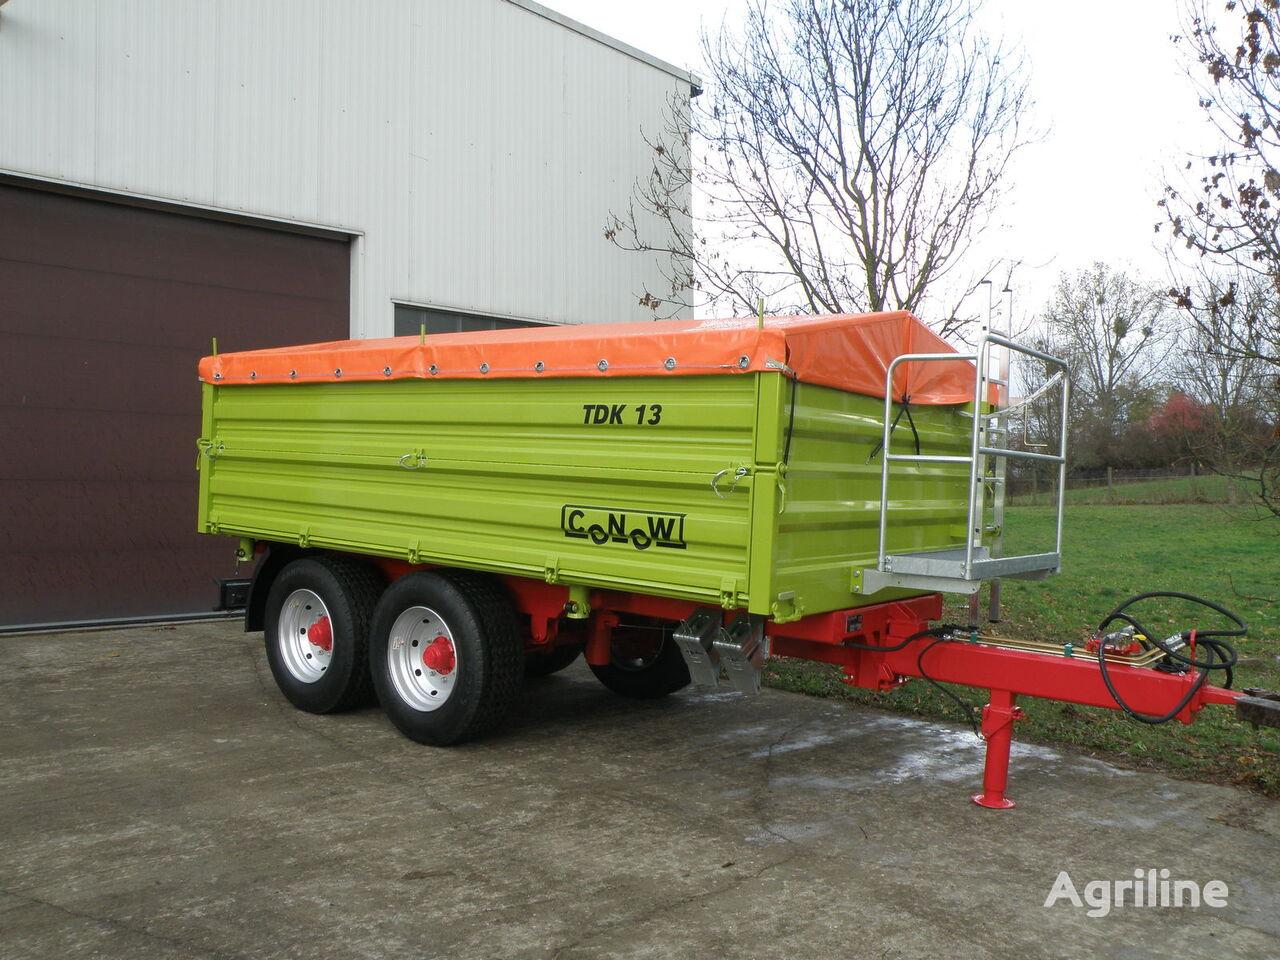 nieuw CONOW TDK 13 landbouwwagen